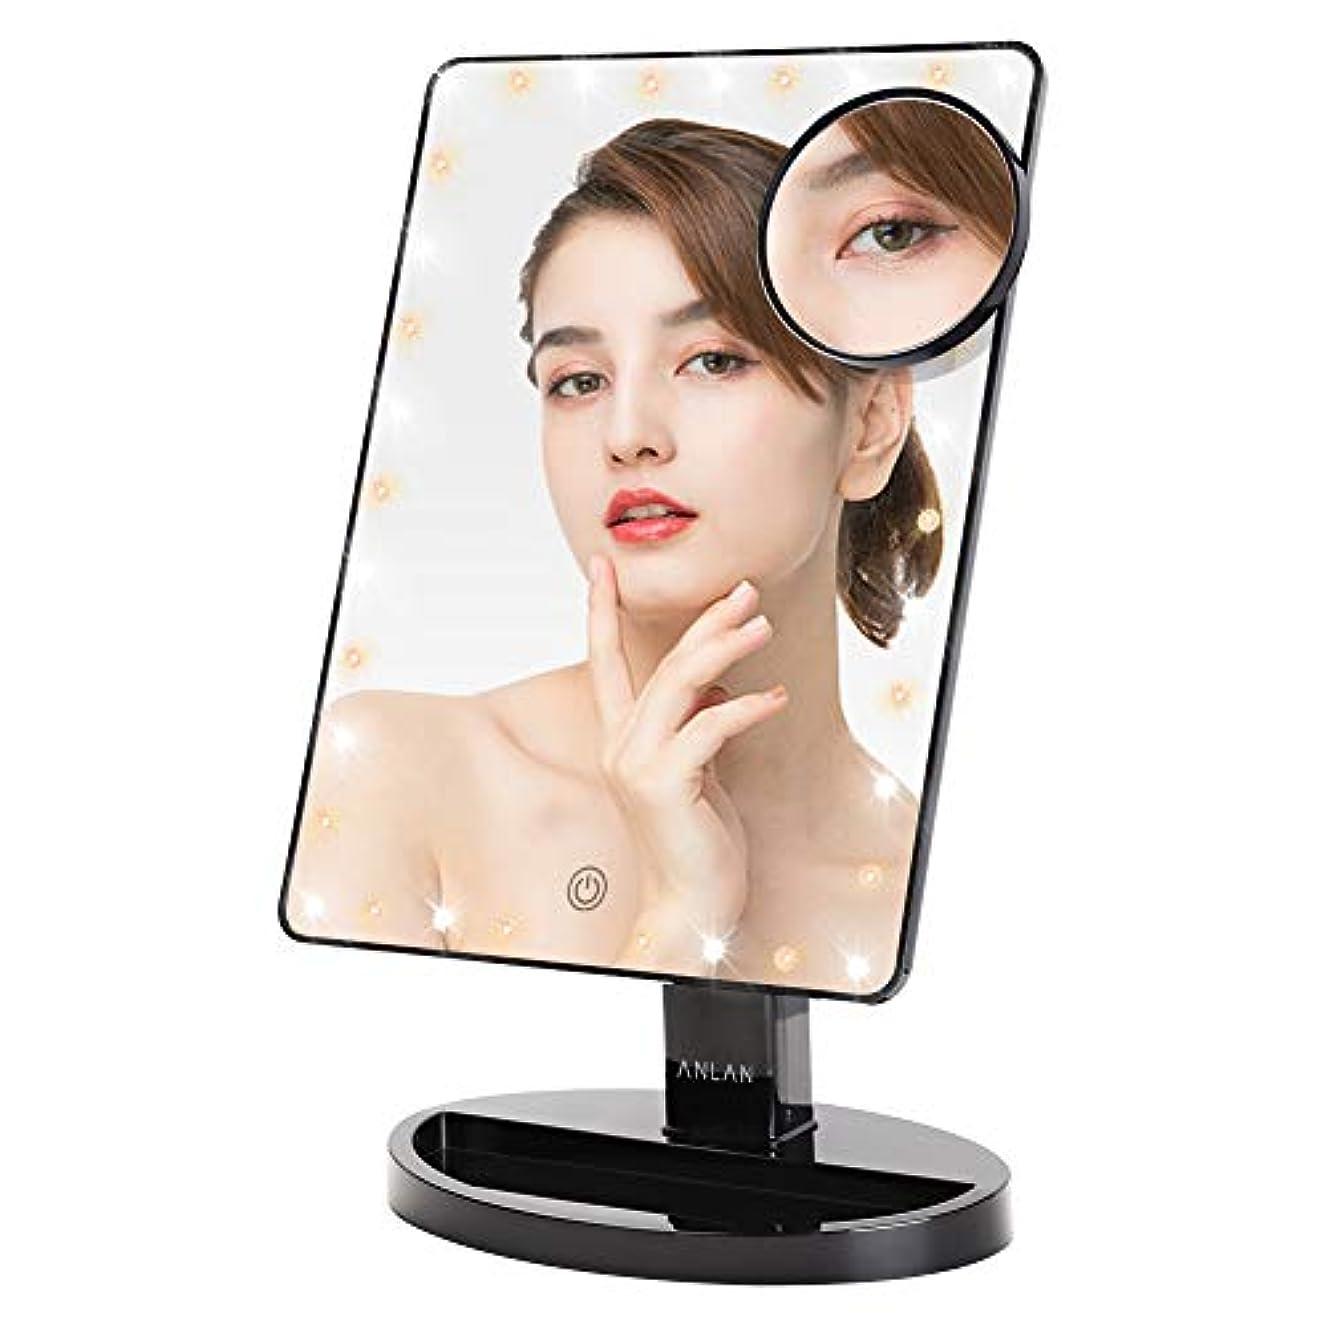 ねばねば木製たらい卓上鏡 LED化粧鏡 ANLAN 女優ミラー 10倍拡大鏡付き スタンド 明るさ調節可能 360°回転式 前後180°無階段調整 USB/単三電池給電